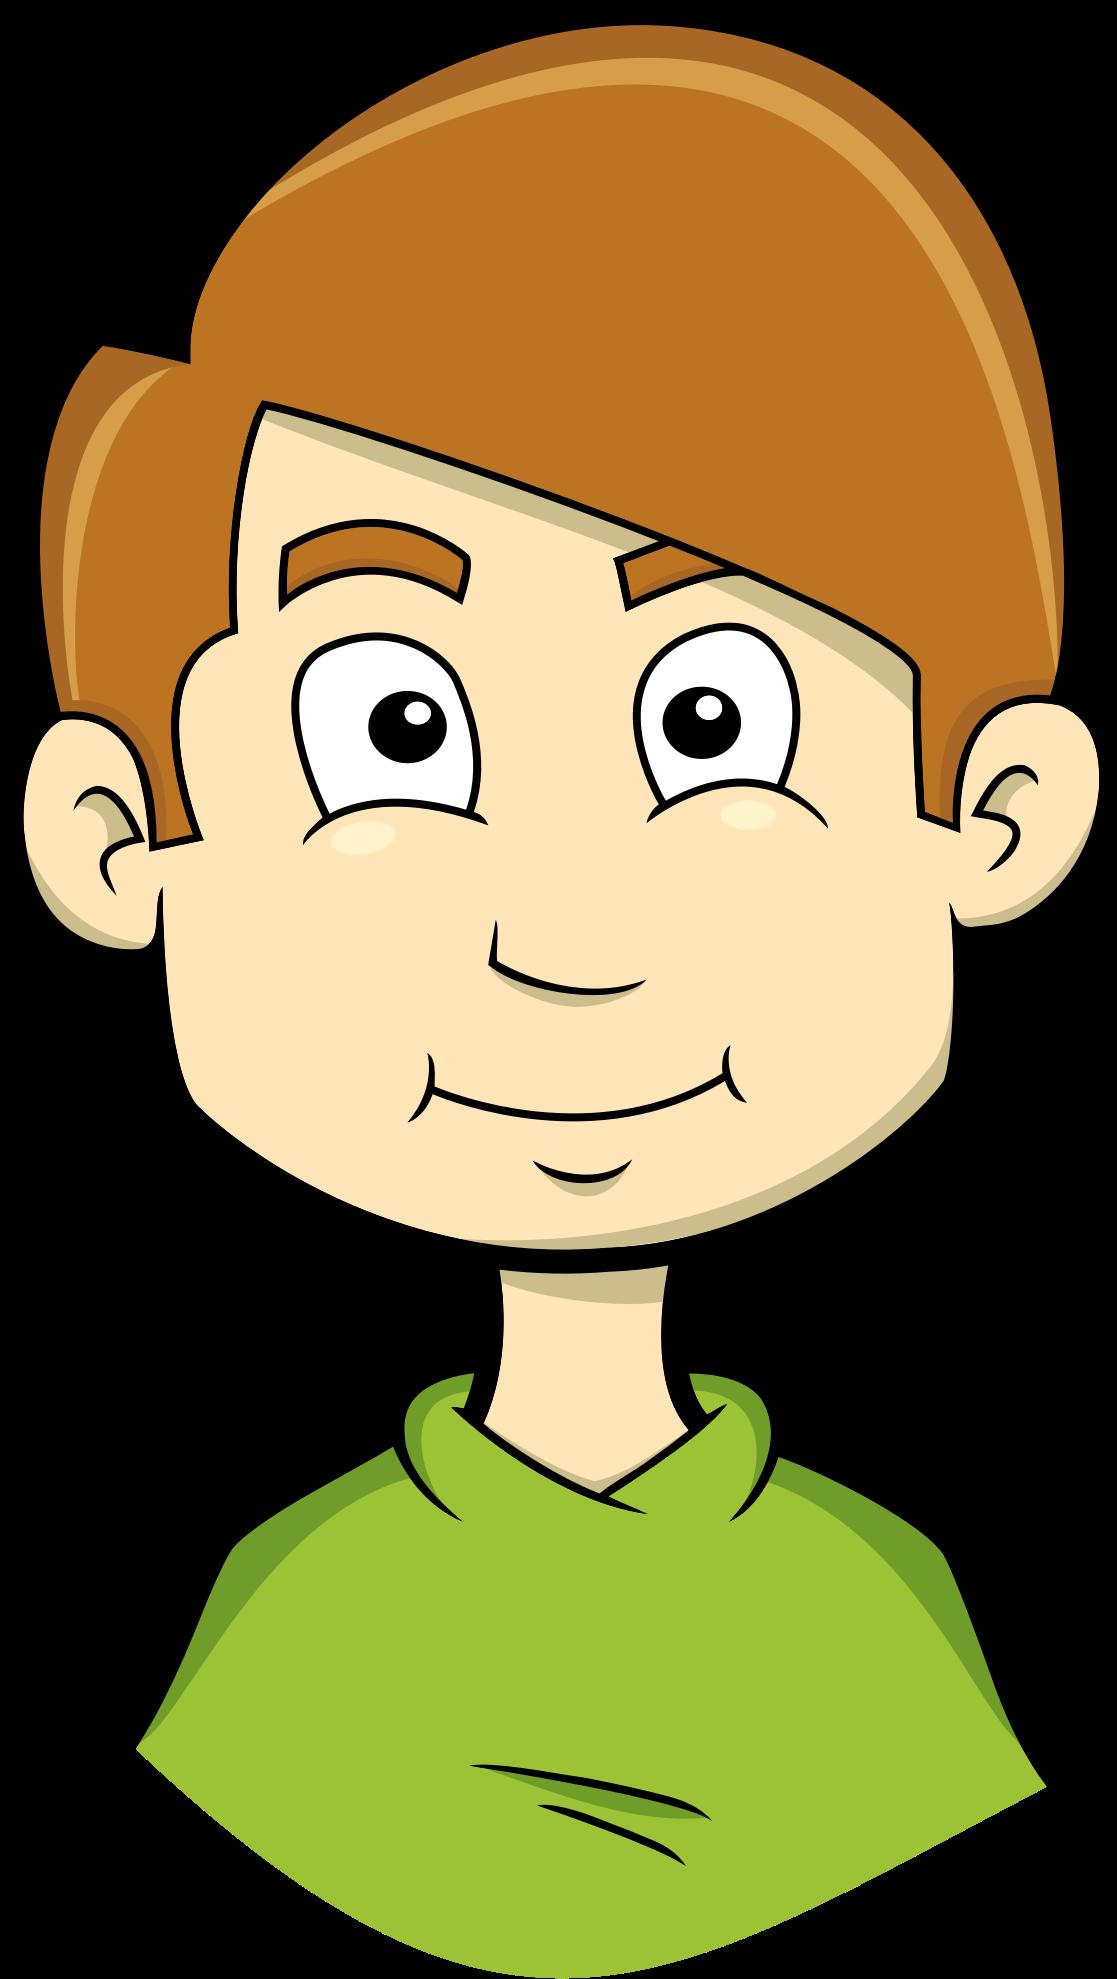 Kids Faces Clip Art - Cliparts.co